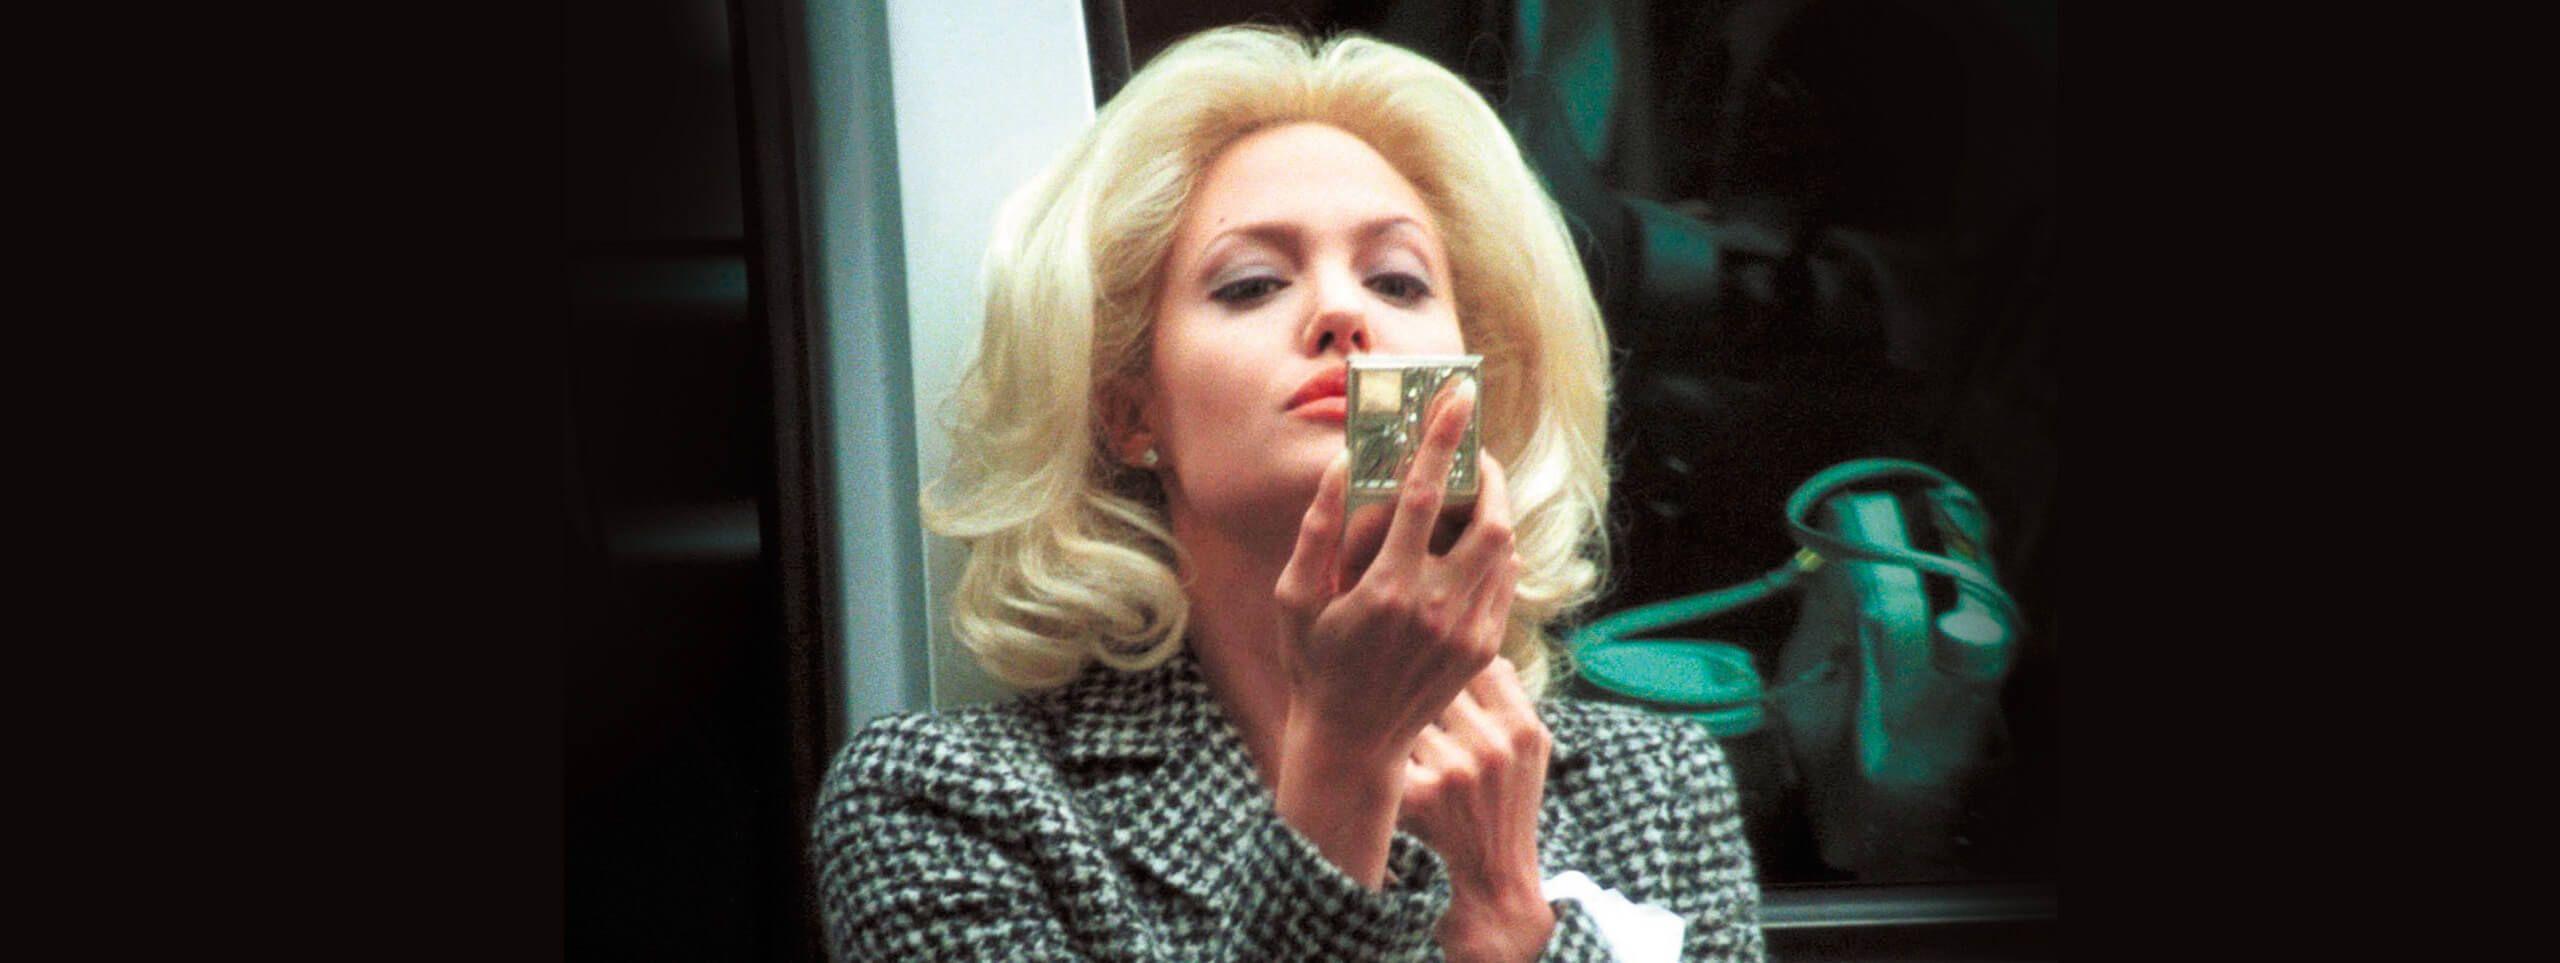 Kobieta z jasnymi blond włosami uniesionymi u nasady